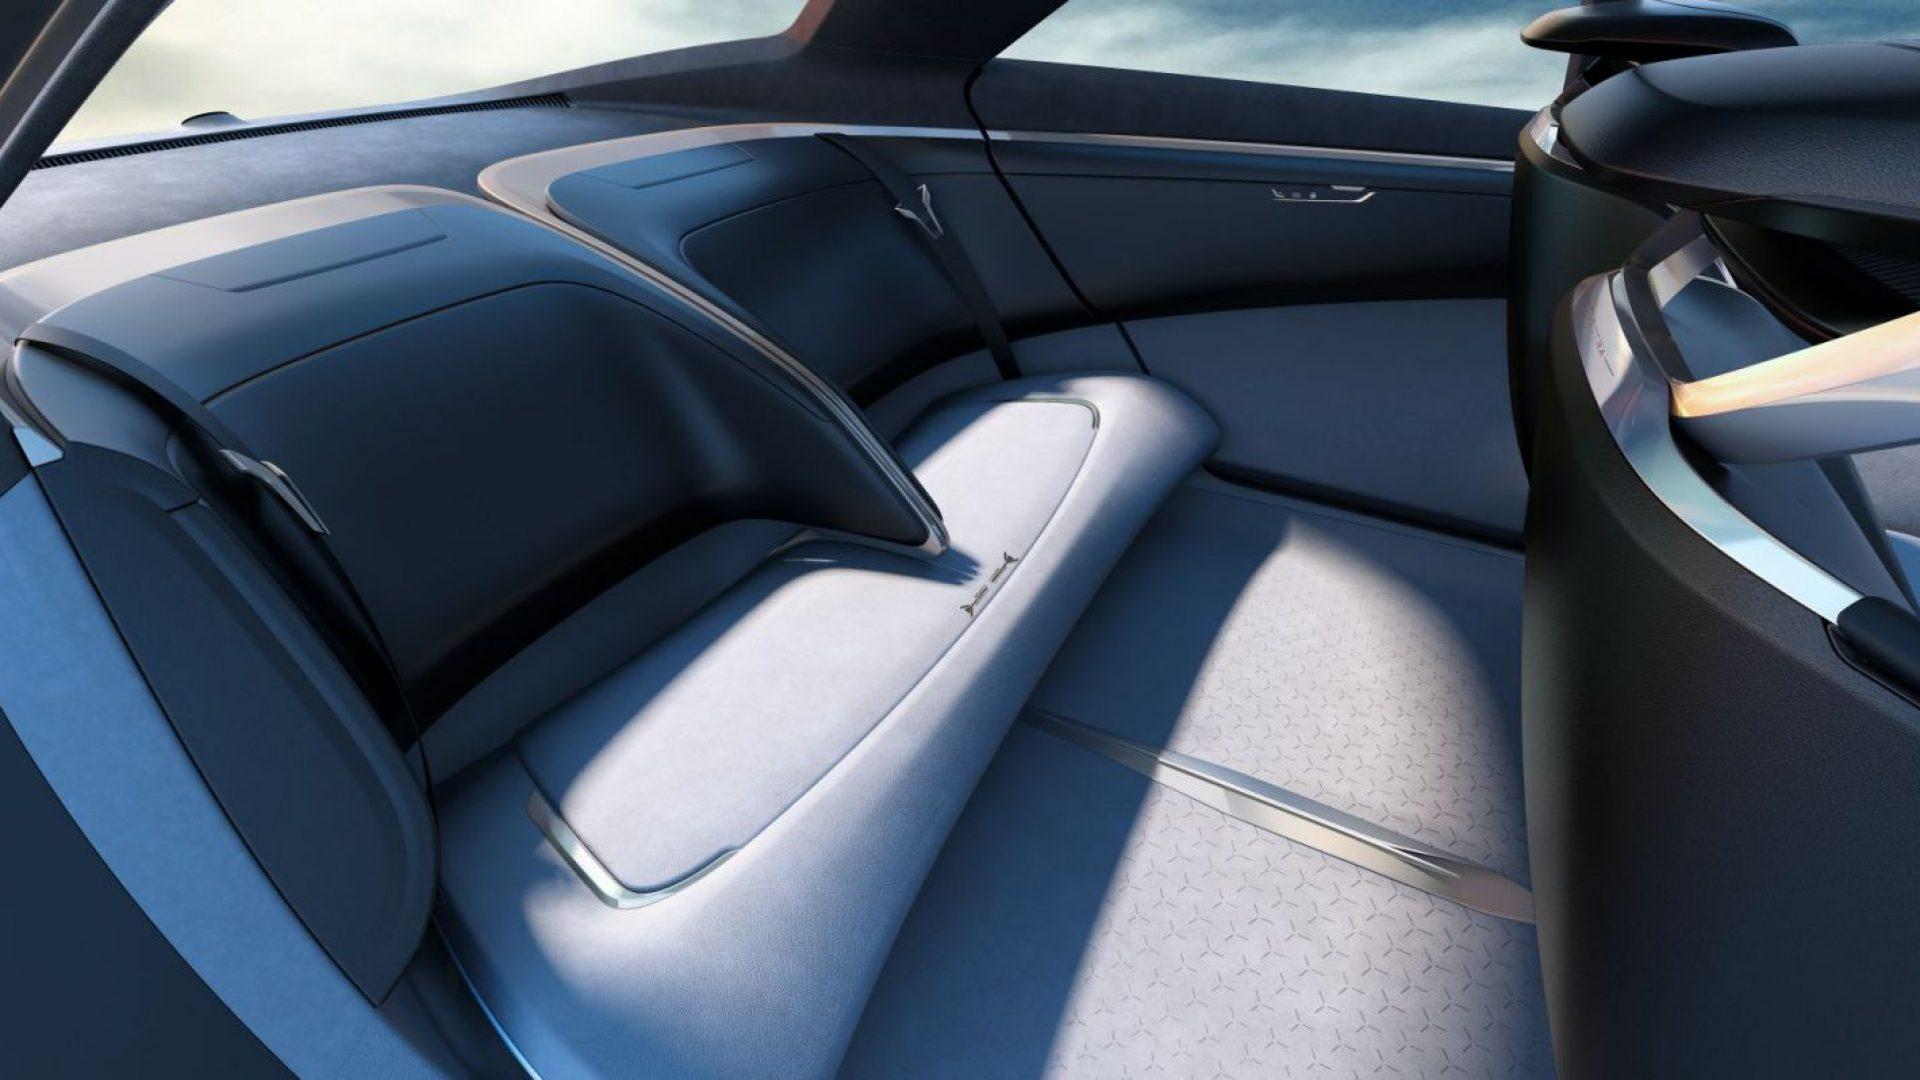 2020-Buick-Electra-Concept-Interior-07